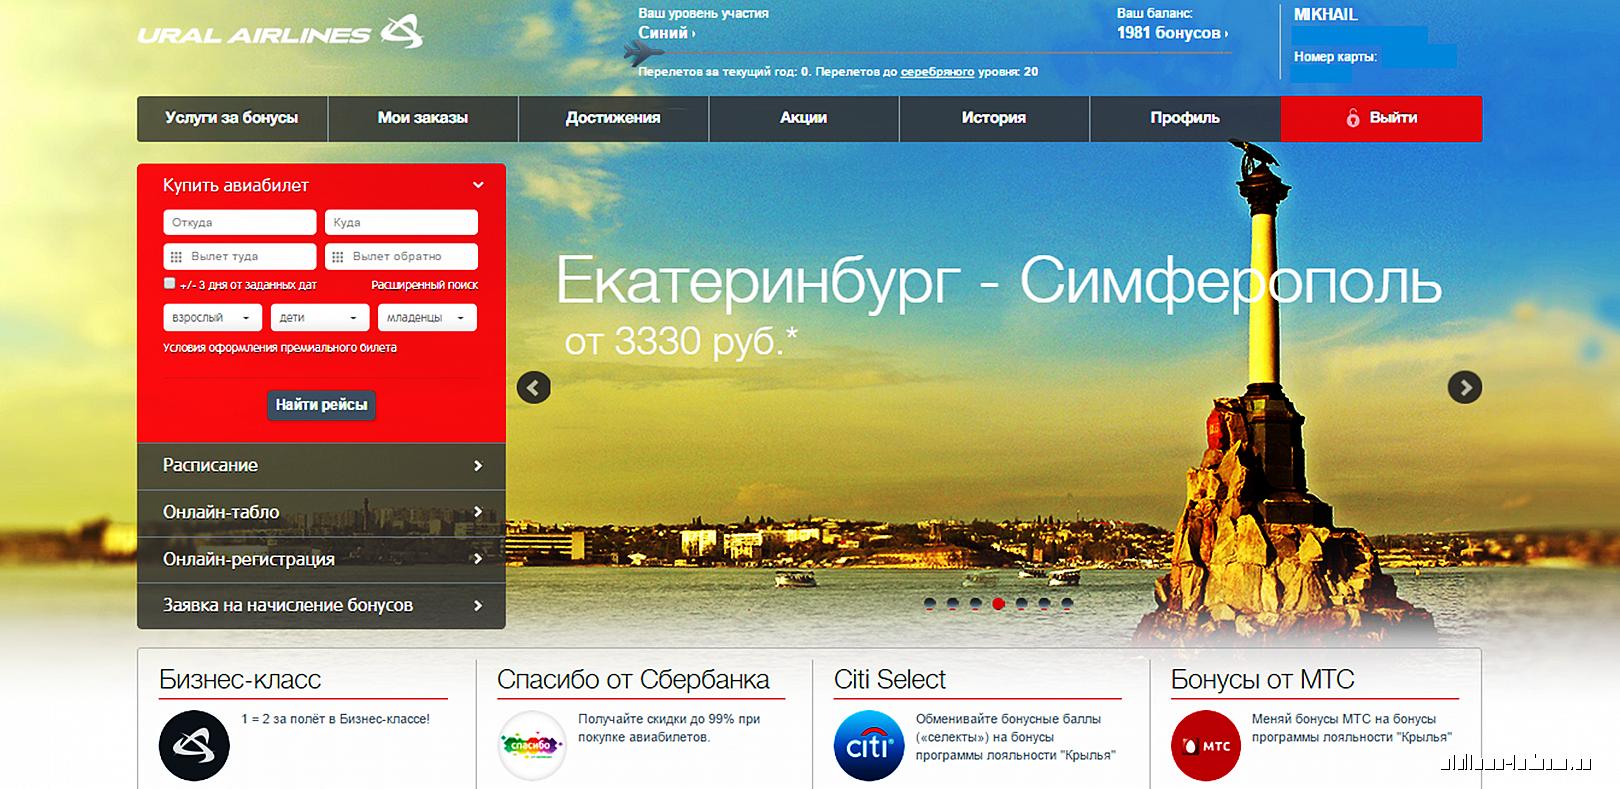 Как купить билет за бонусы Уральские авиалинии